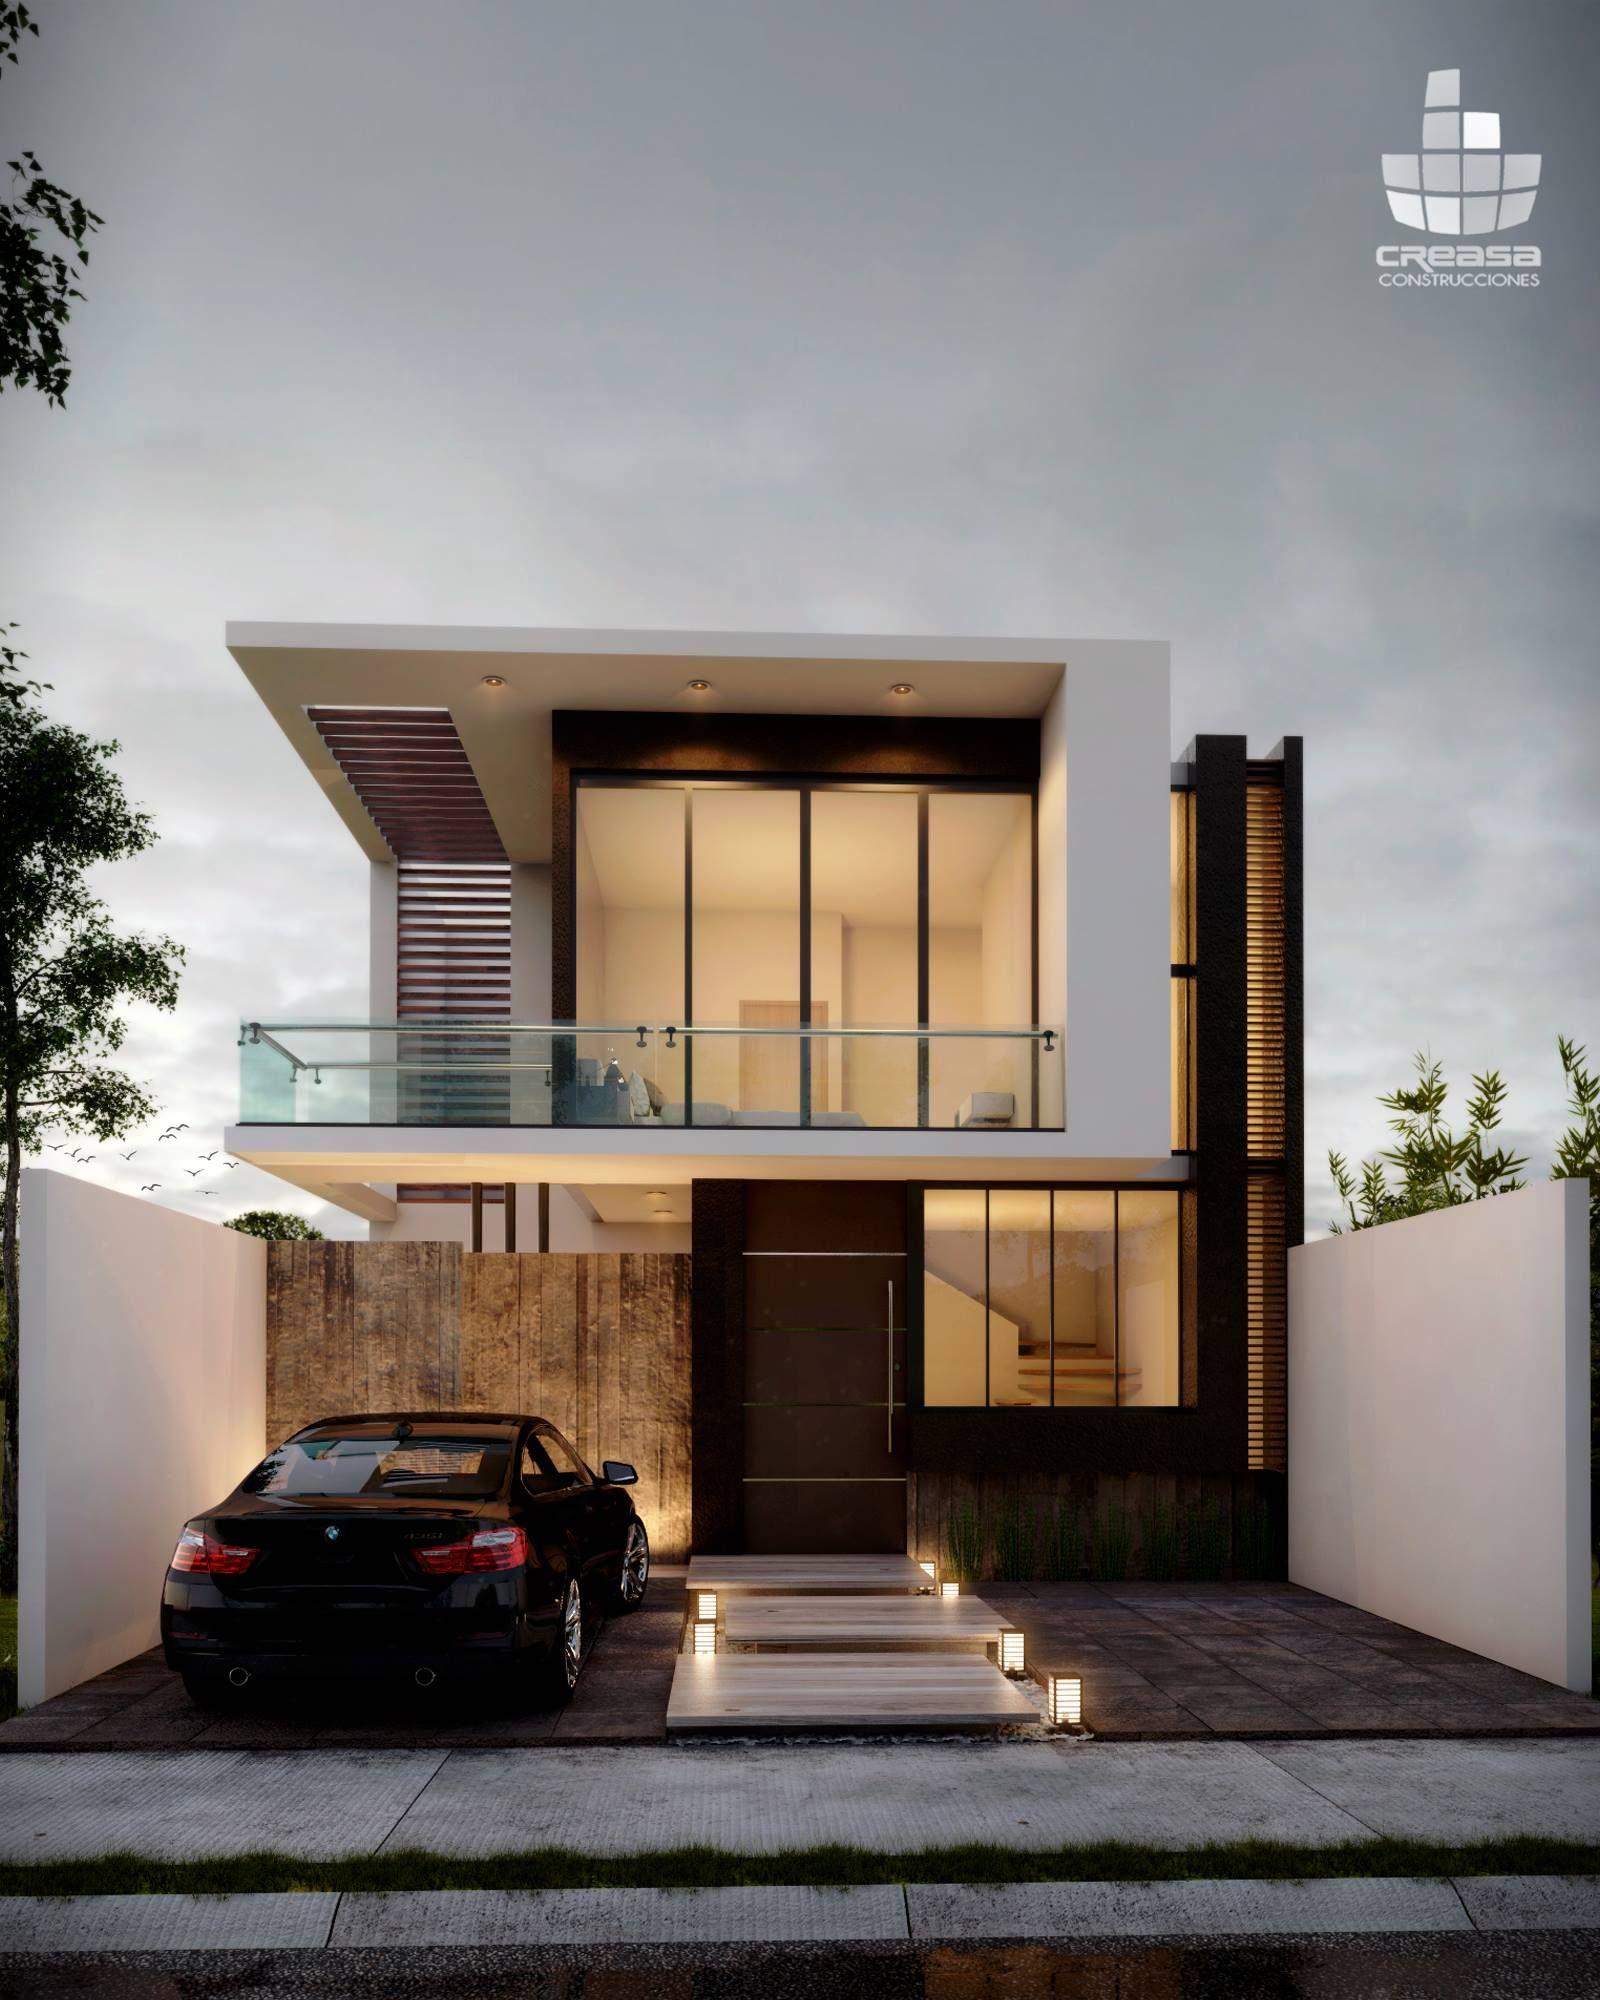 Arquitectura Fachadas De Casas Modernas Casas Modernas: Facade House, Modern House Exterior, House Designs Exterior